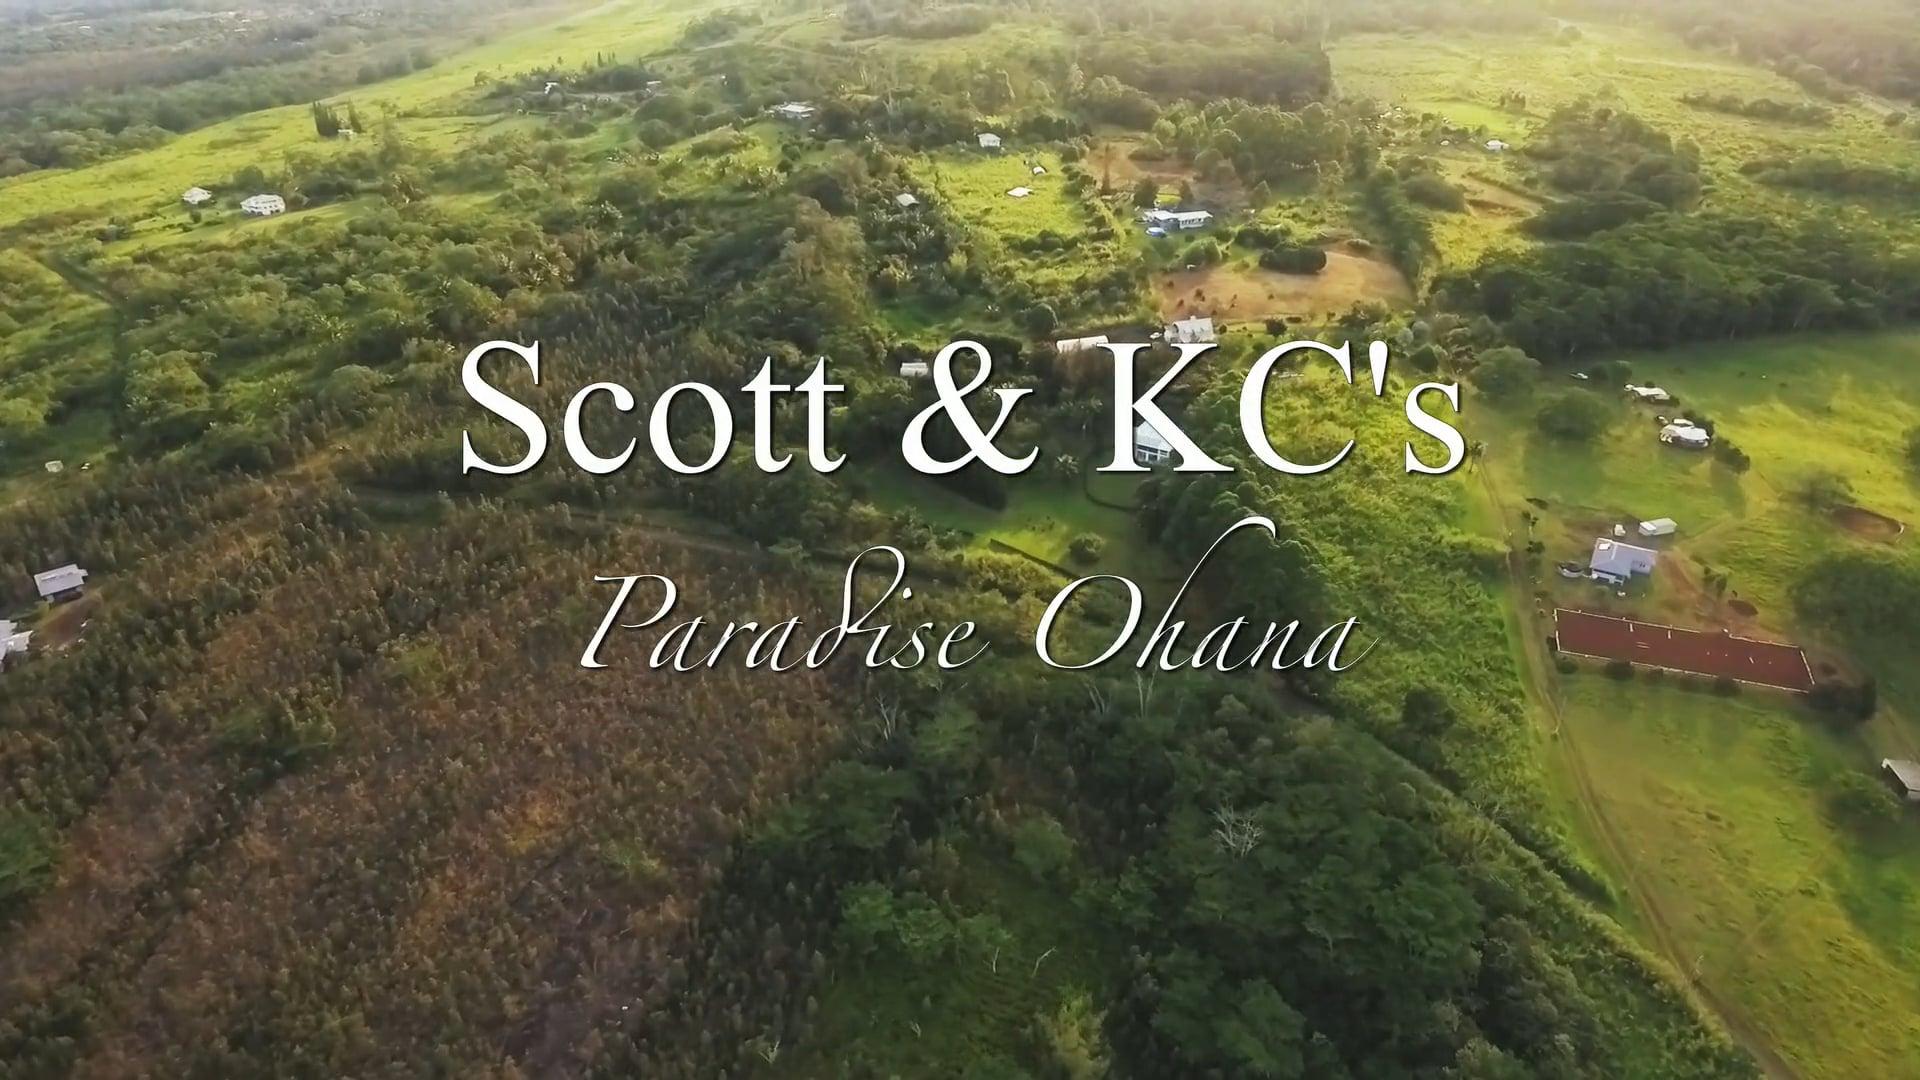 Scott & KC - Ohana in Paradise